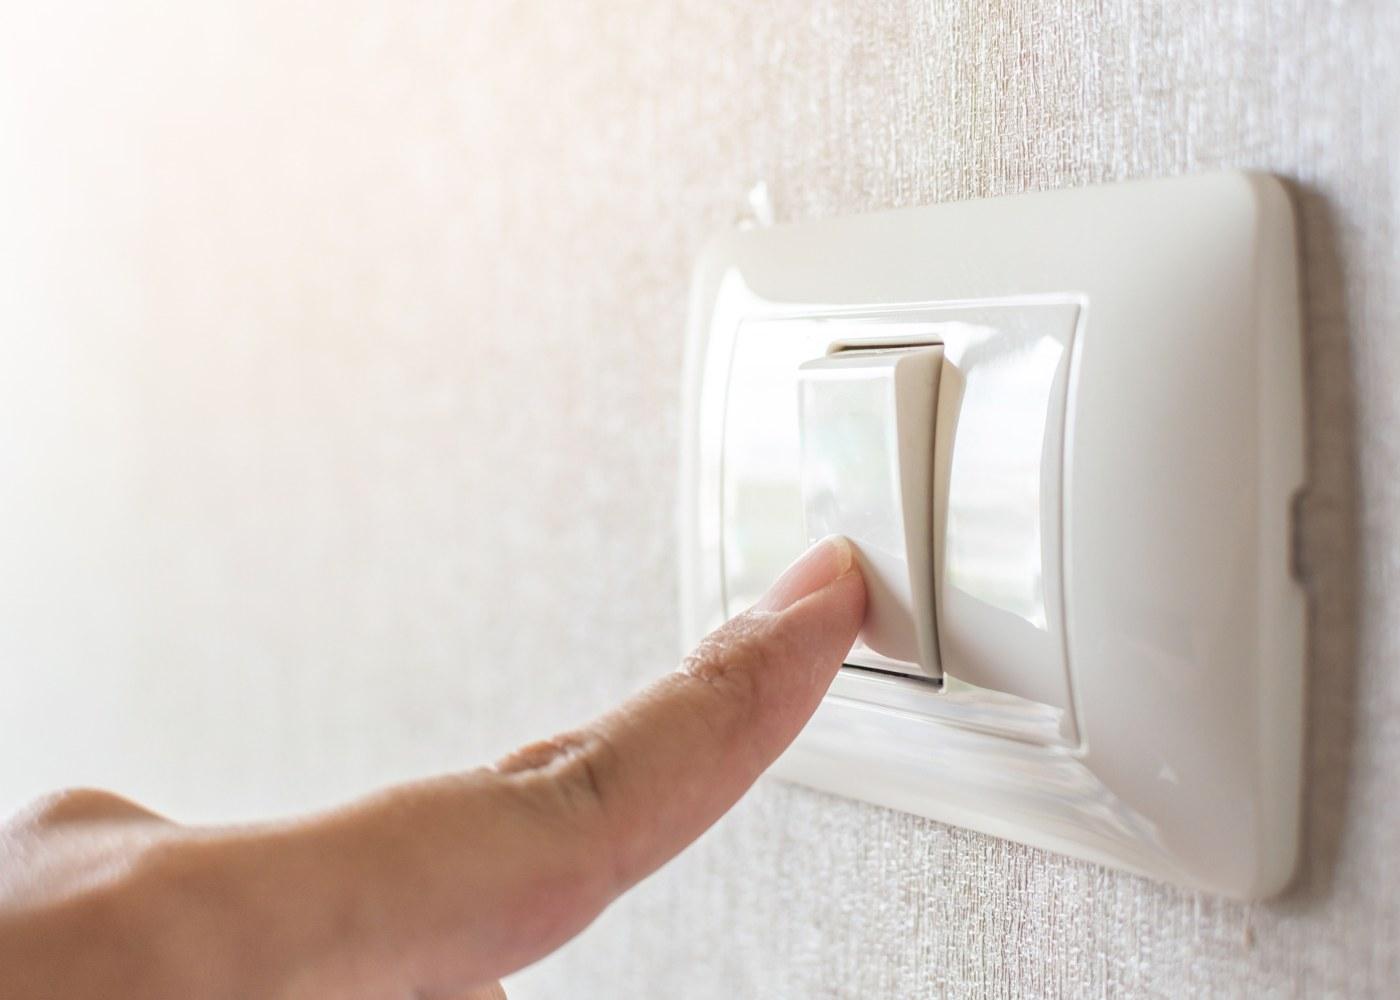 mão a desligar o interruptor da luz